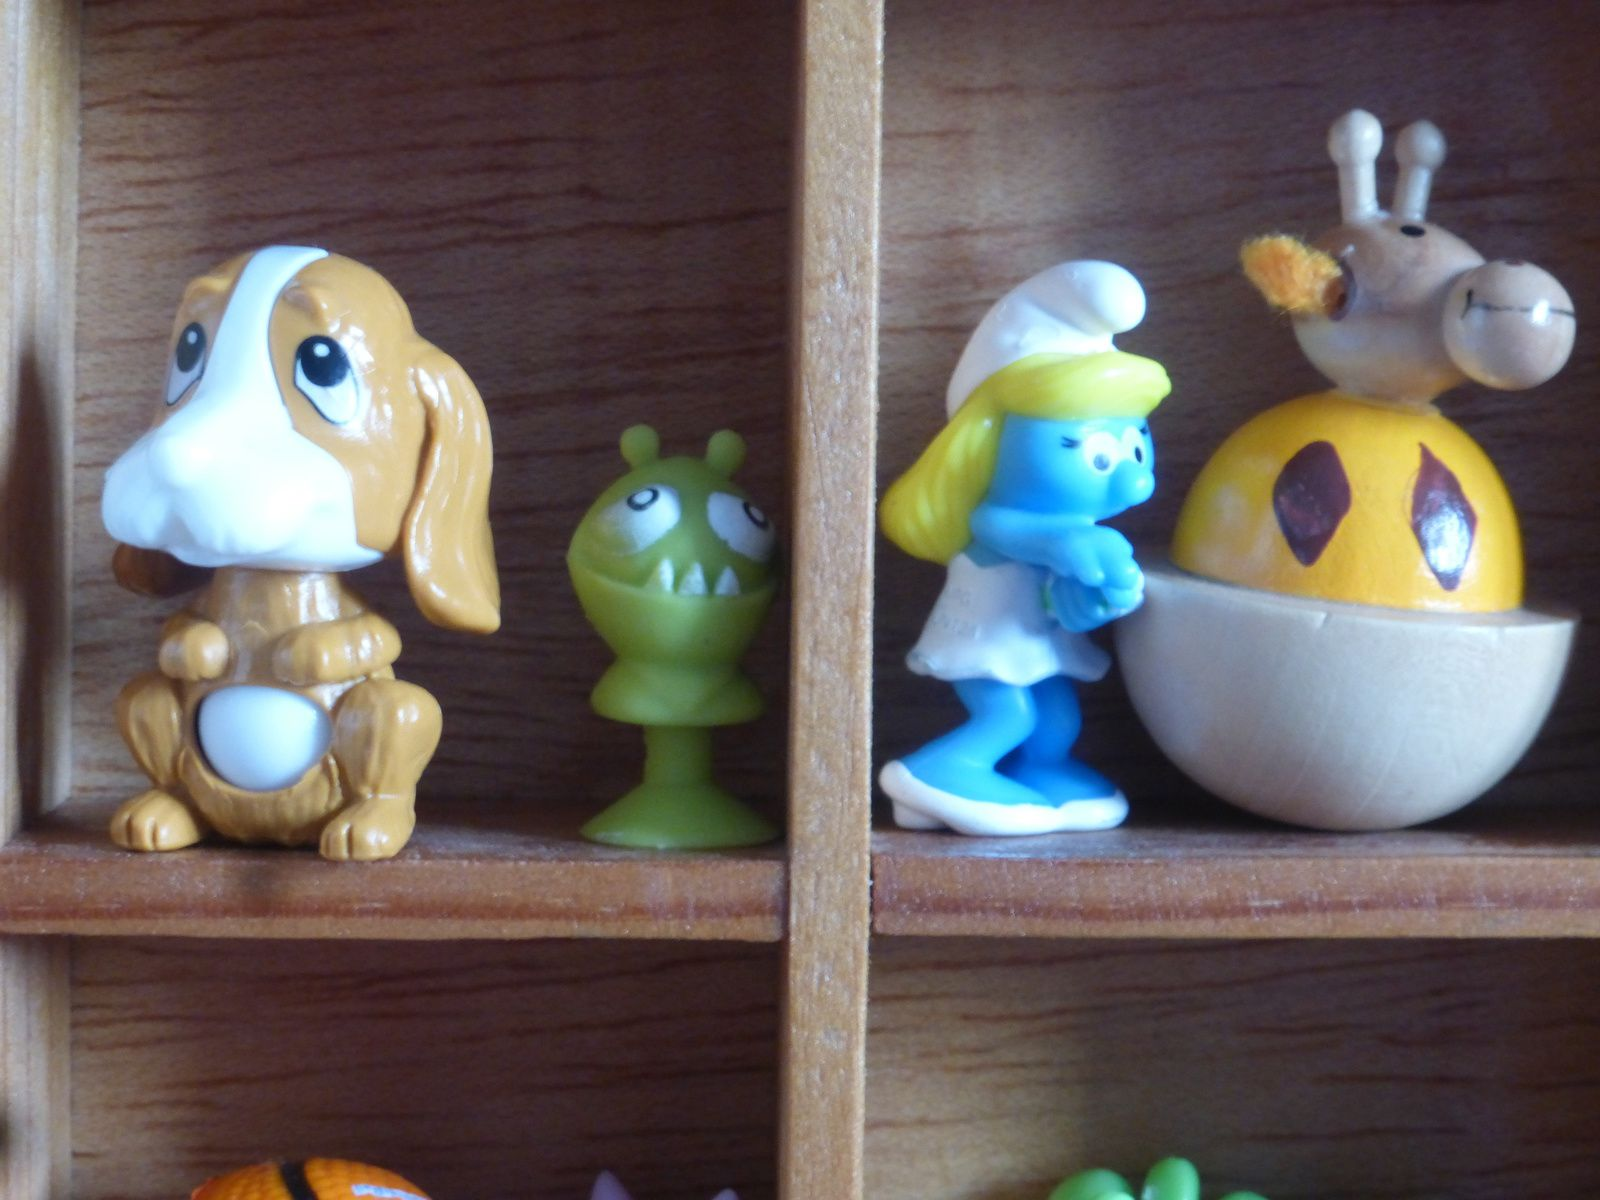 Coloc' de figurines